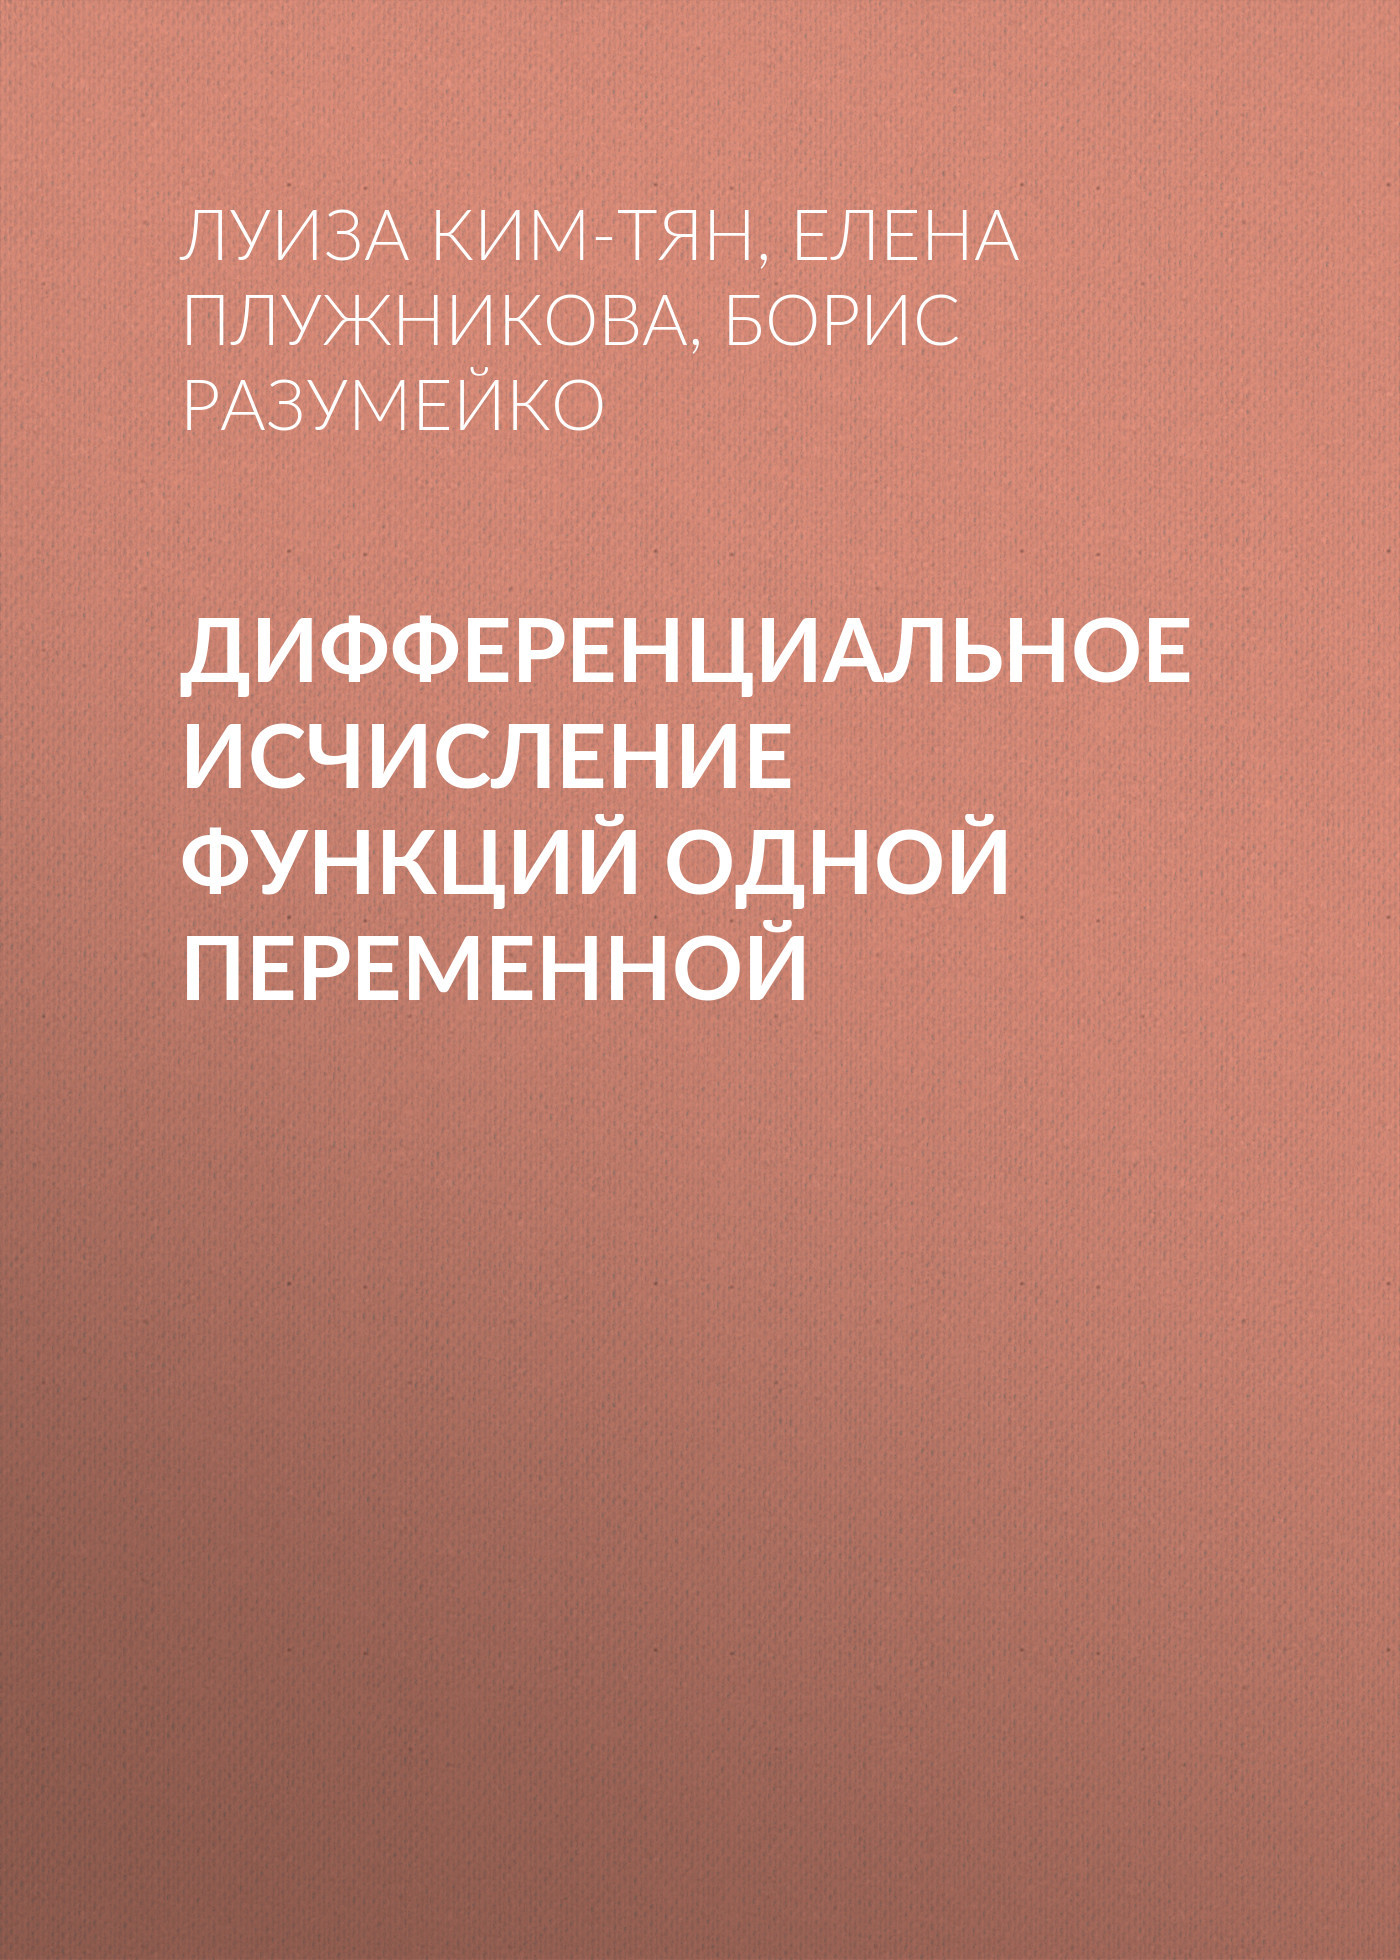 Е. Л. Плужникова Дифференциальное исчисление функций одной переменной